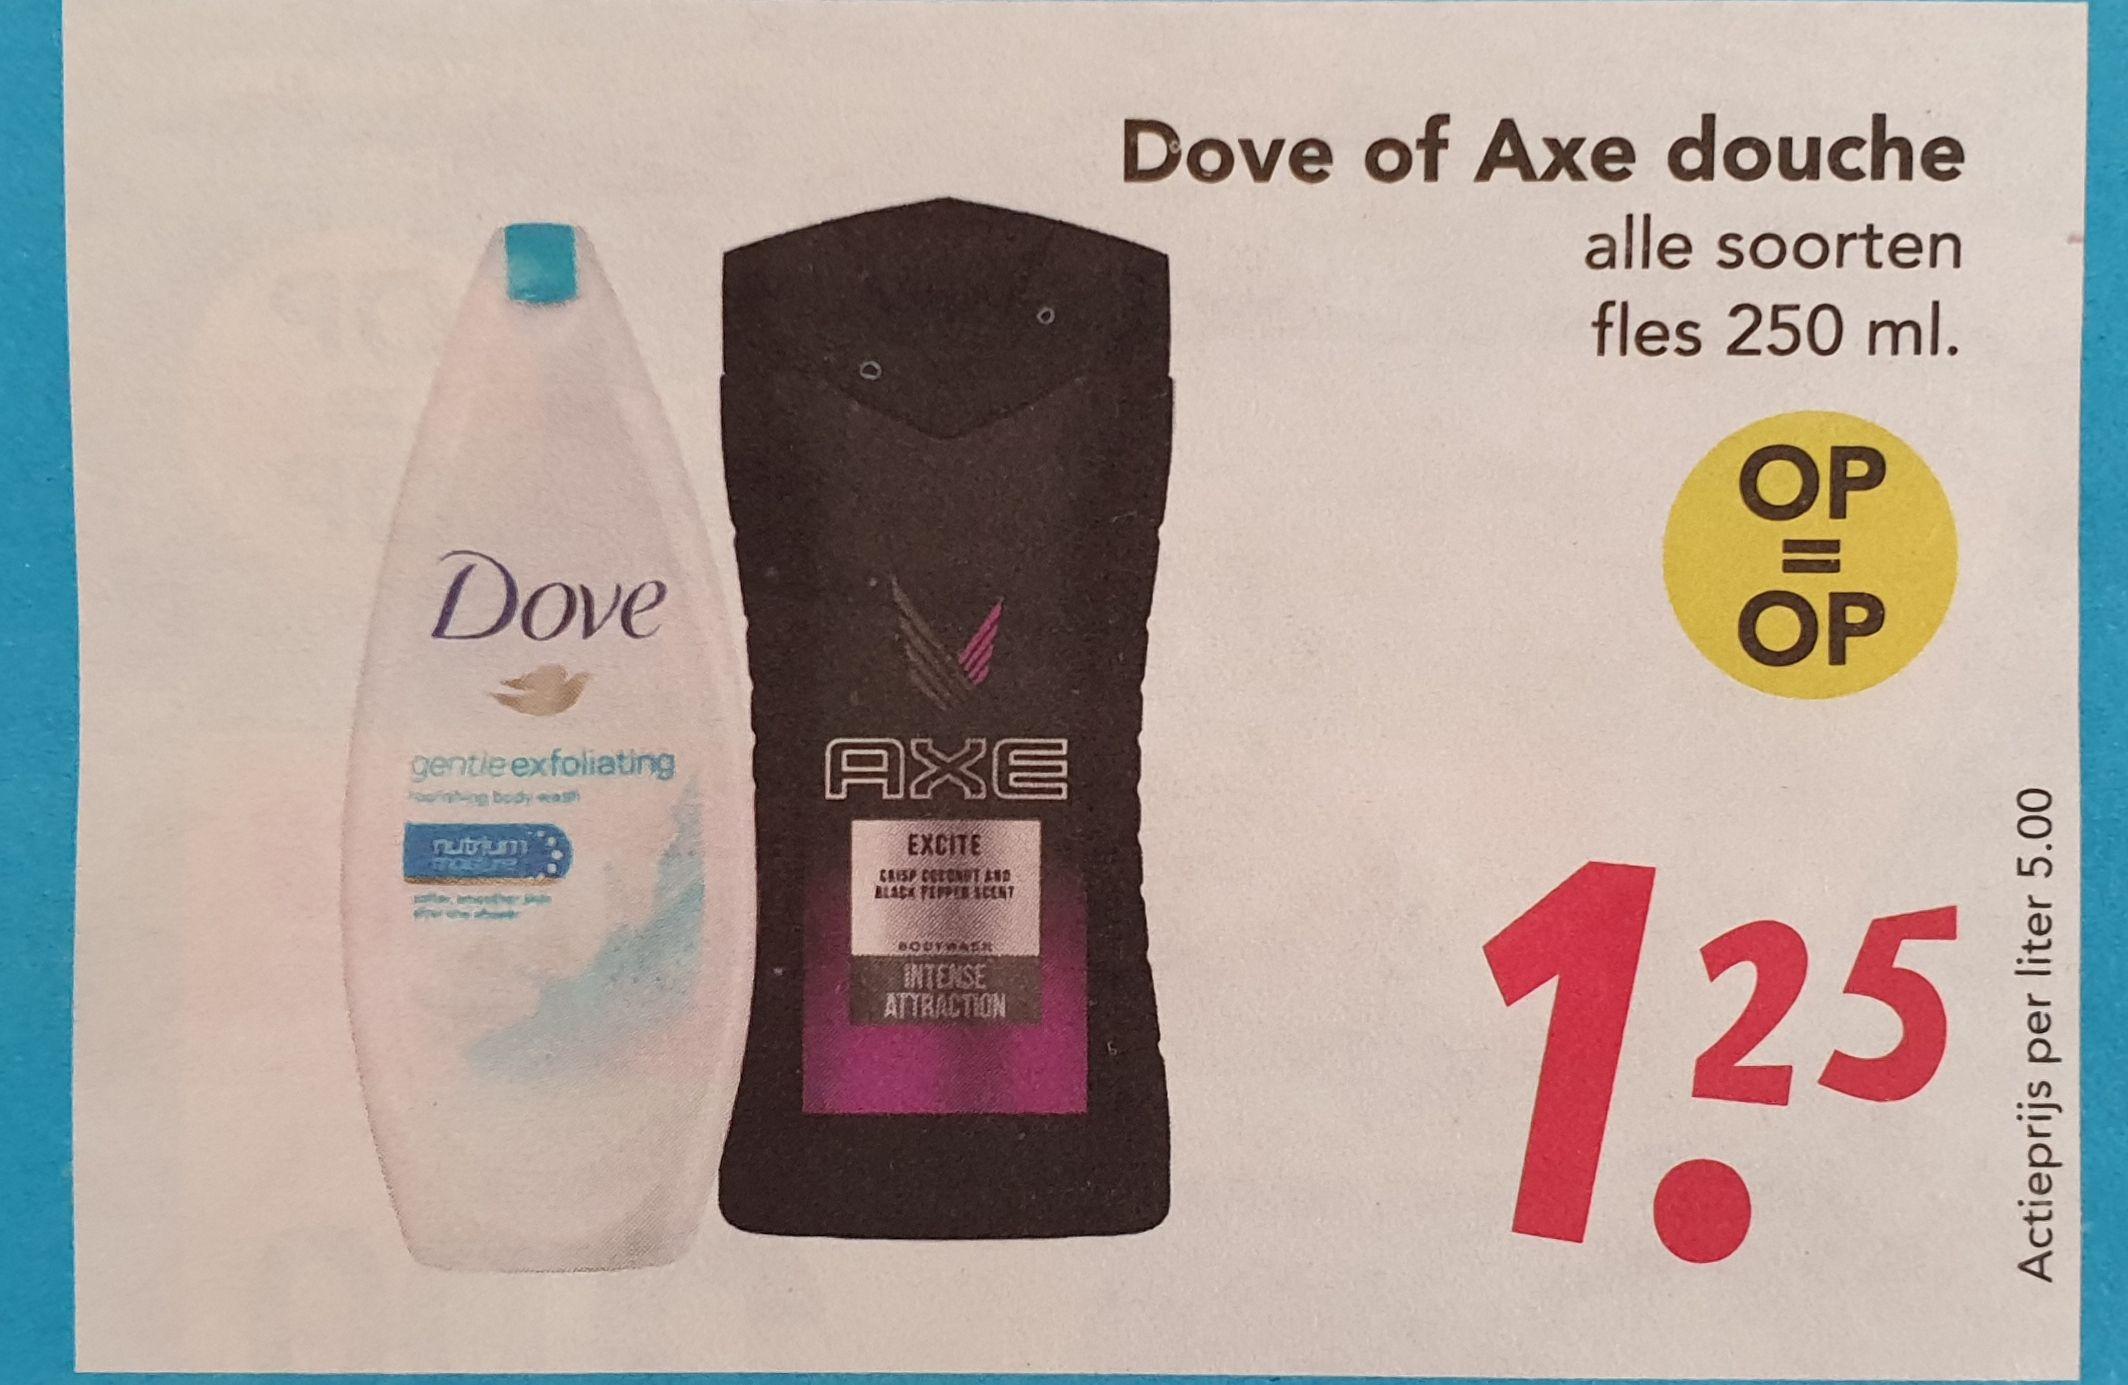 Dove en axe douche gel voor €1.25 per stuk @ Deen (Alleen dinsdag 2 juli)